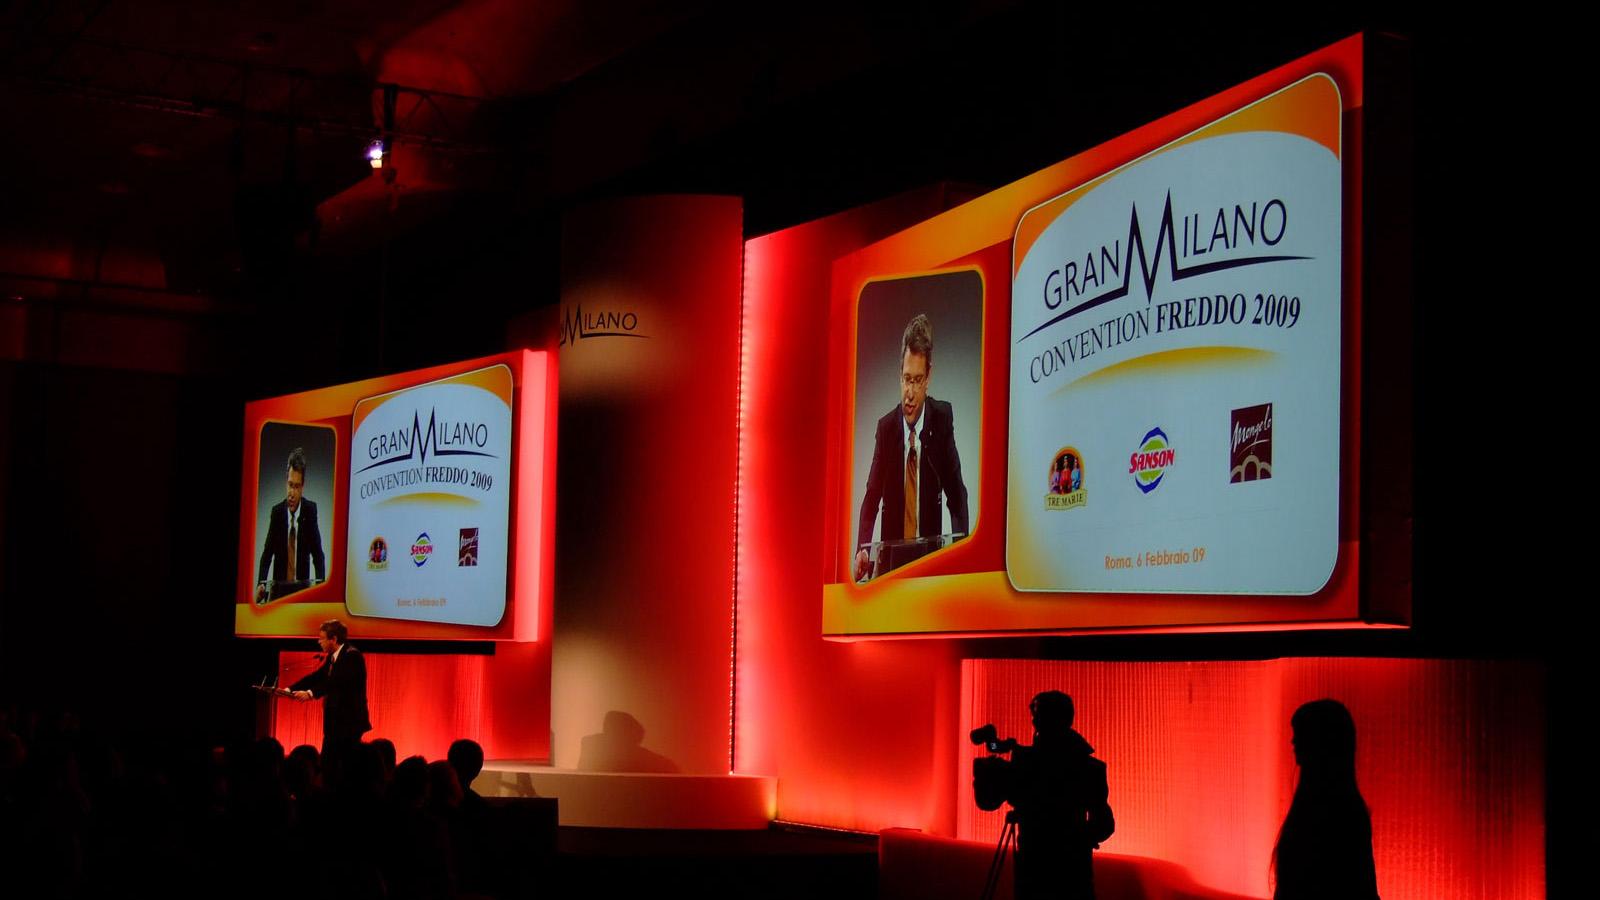 2009_GRANMILANO_convention2